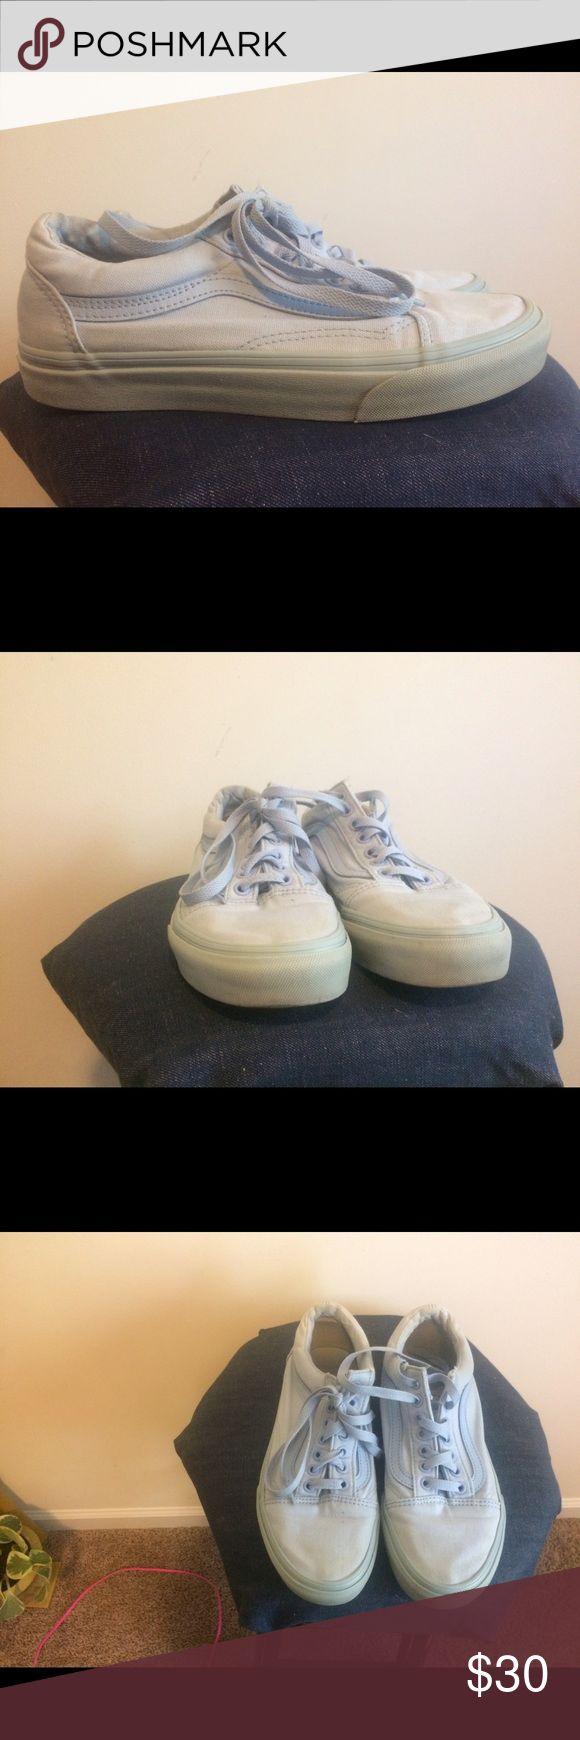 Light blue low top vans Price firm Vans Shoes Sneakers